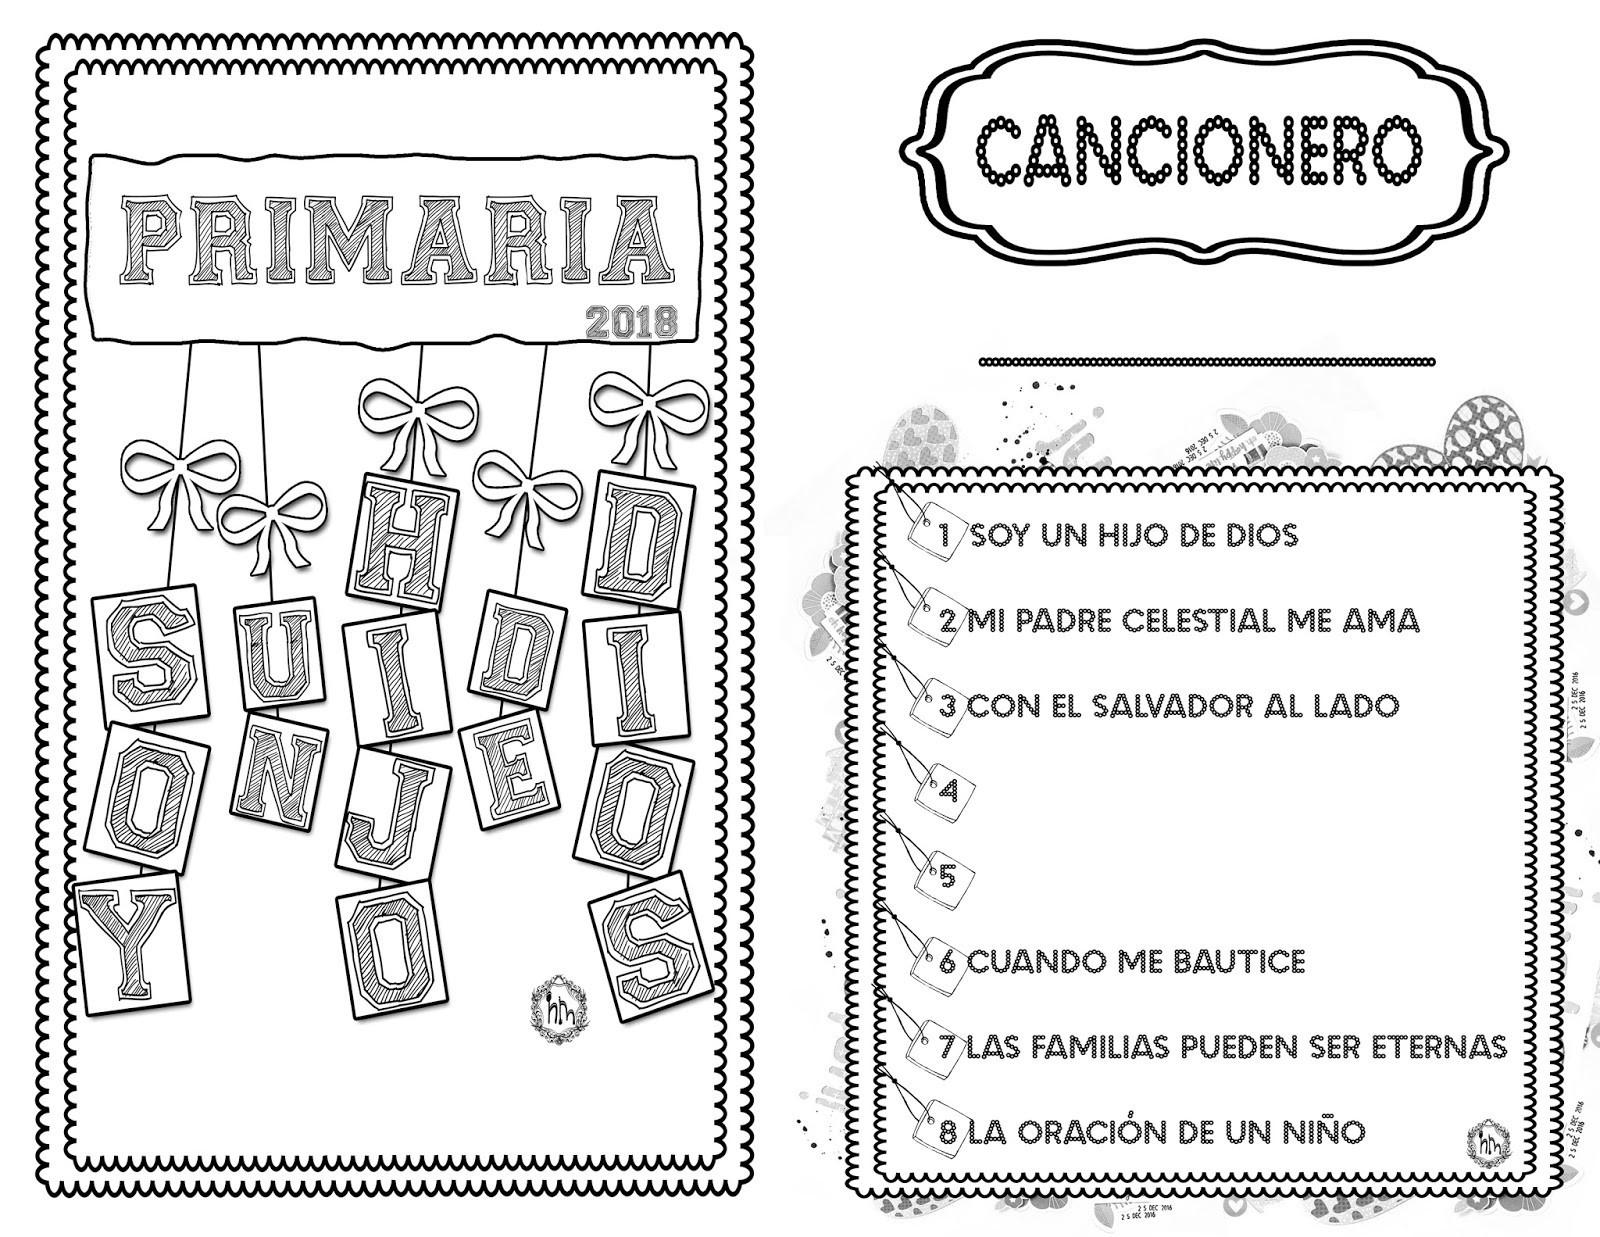 CANCIONERO EN WORD PARA AGREGARLE LA LETRA DE LAS 2 CANCIONES OPCIONALES Y AGREGARLAS EN EL